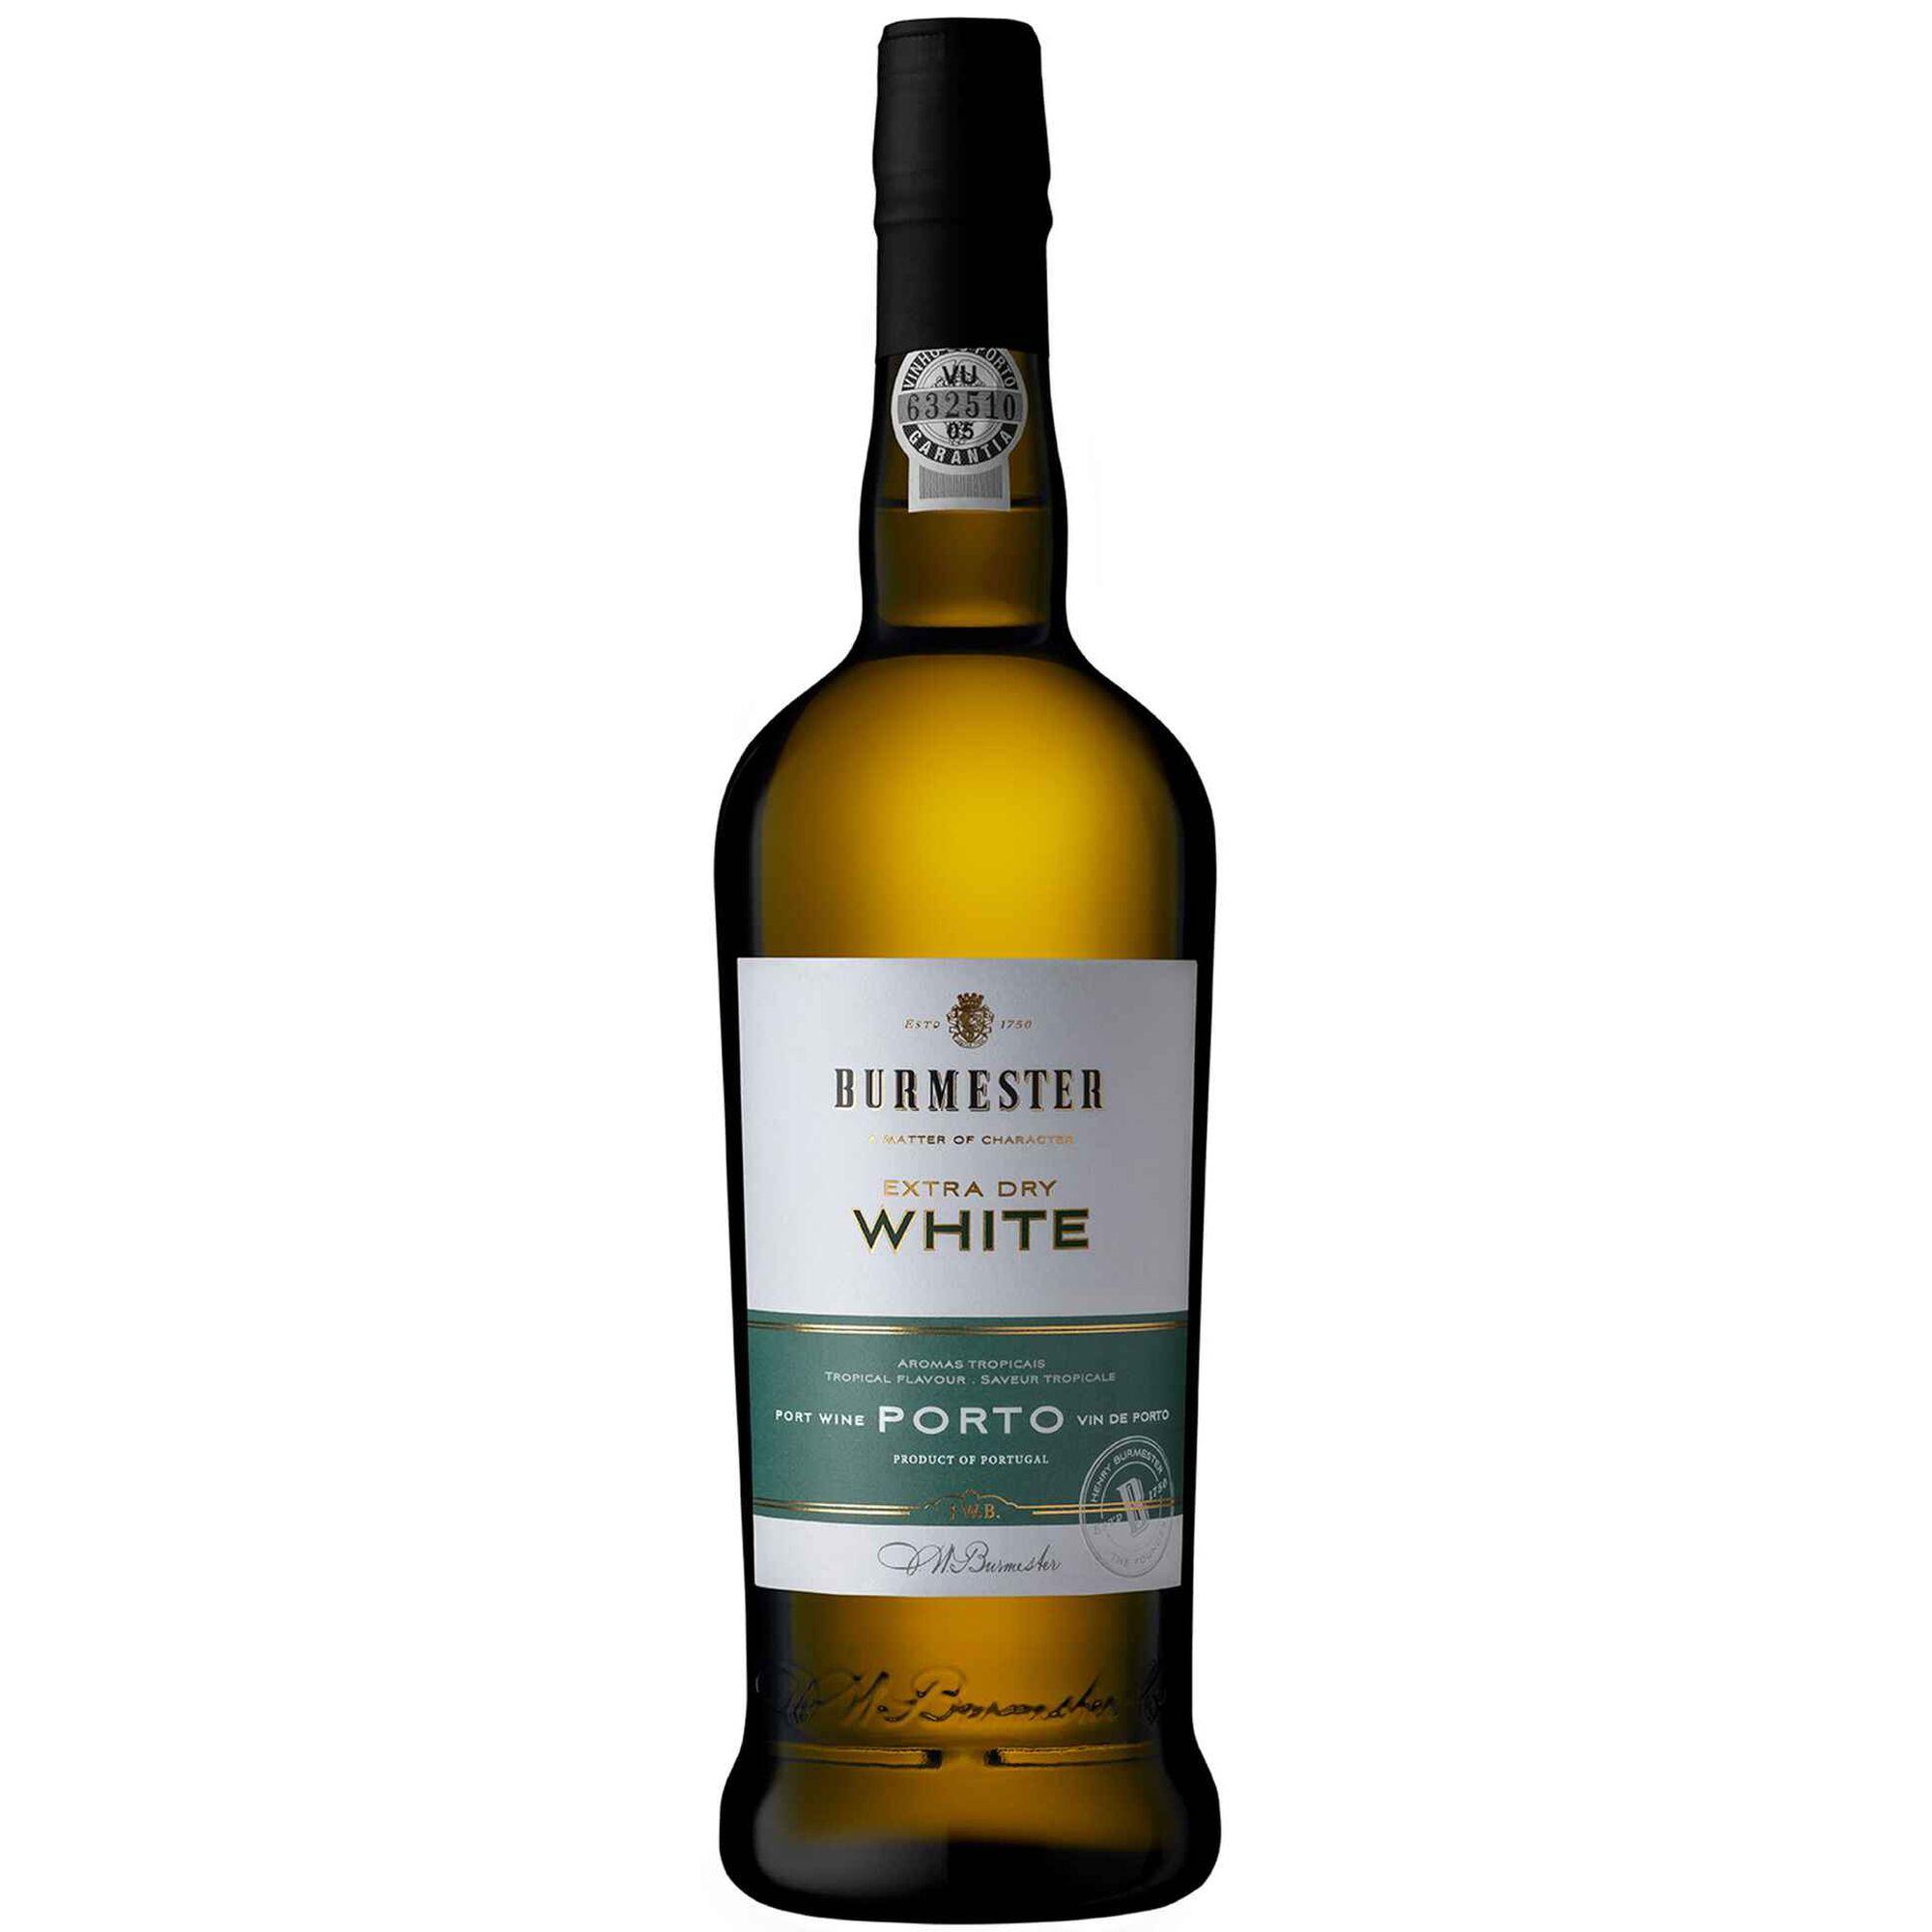 Burmester Vinho do Porto White Extra Dry